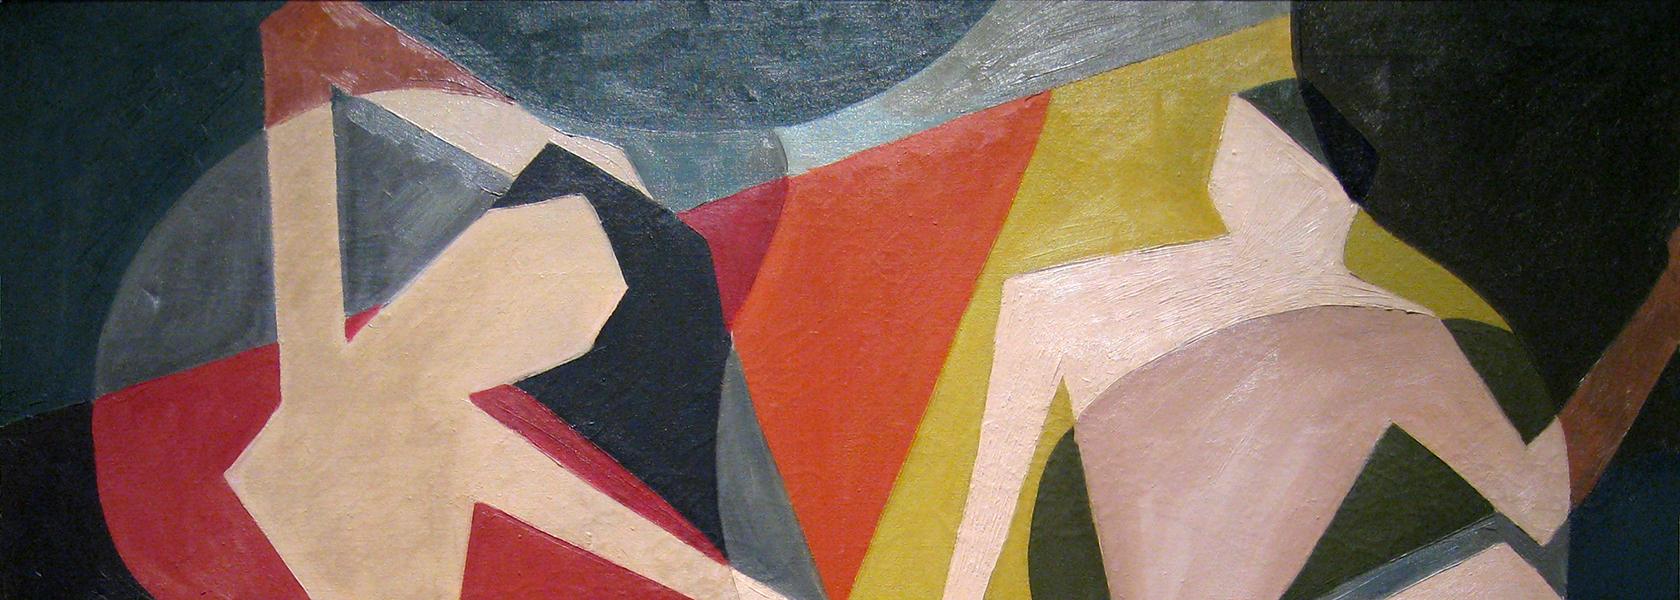 Starburst: Dorothy M. Gillespie -- a Trailblazer for Women in the Arts